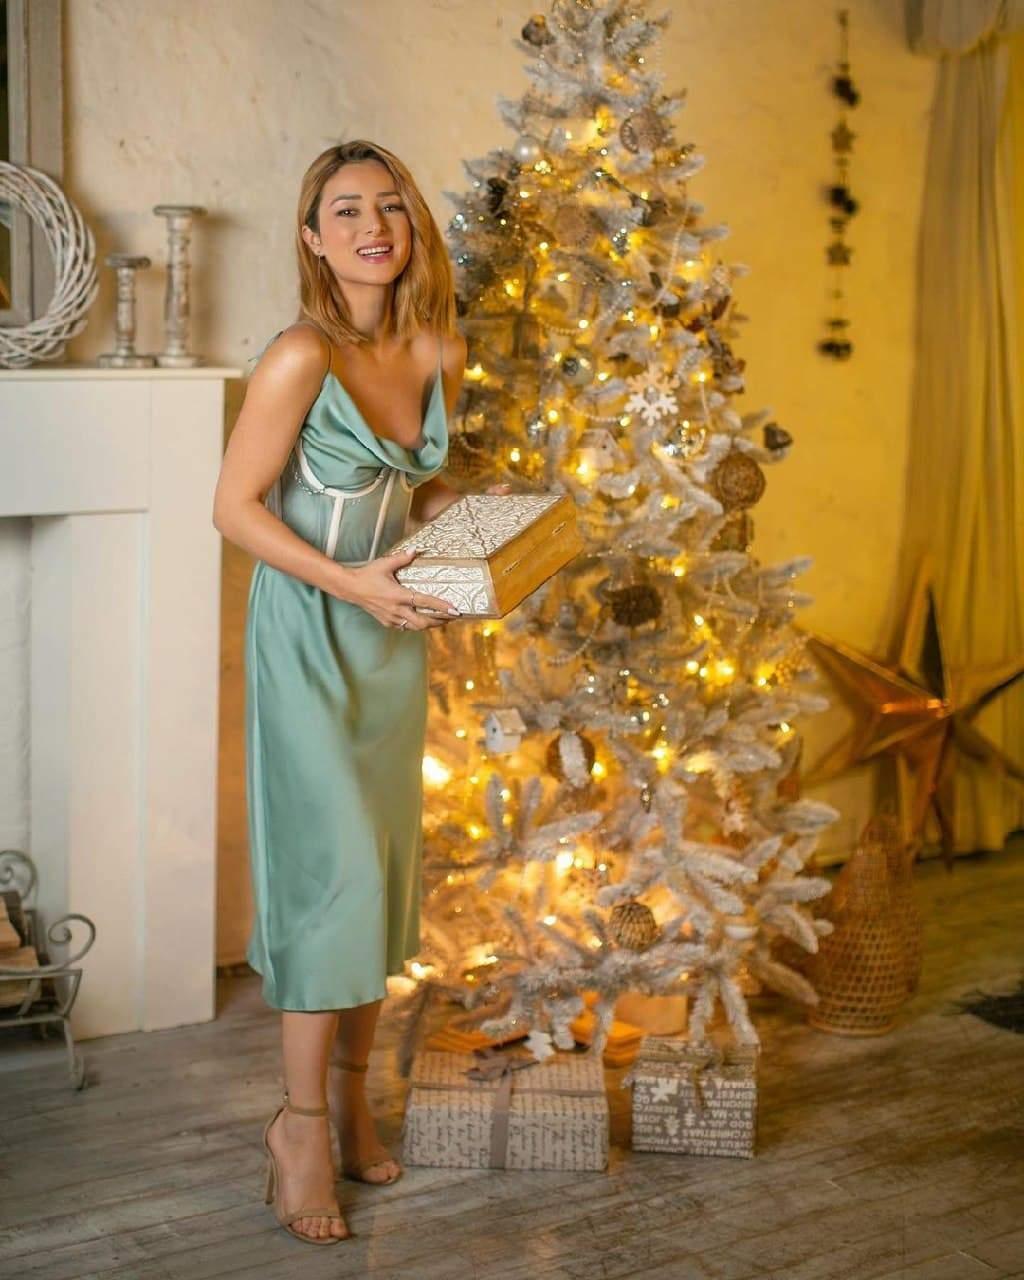 Злата Огнєвіч пропонує бездоганний образ на Новий рік